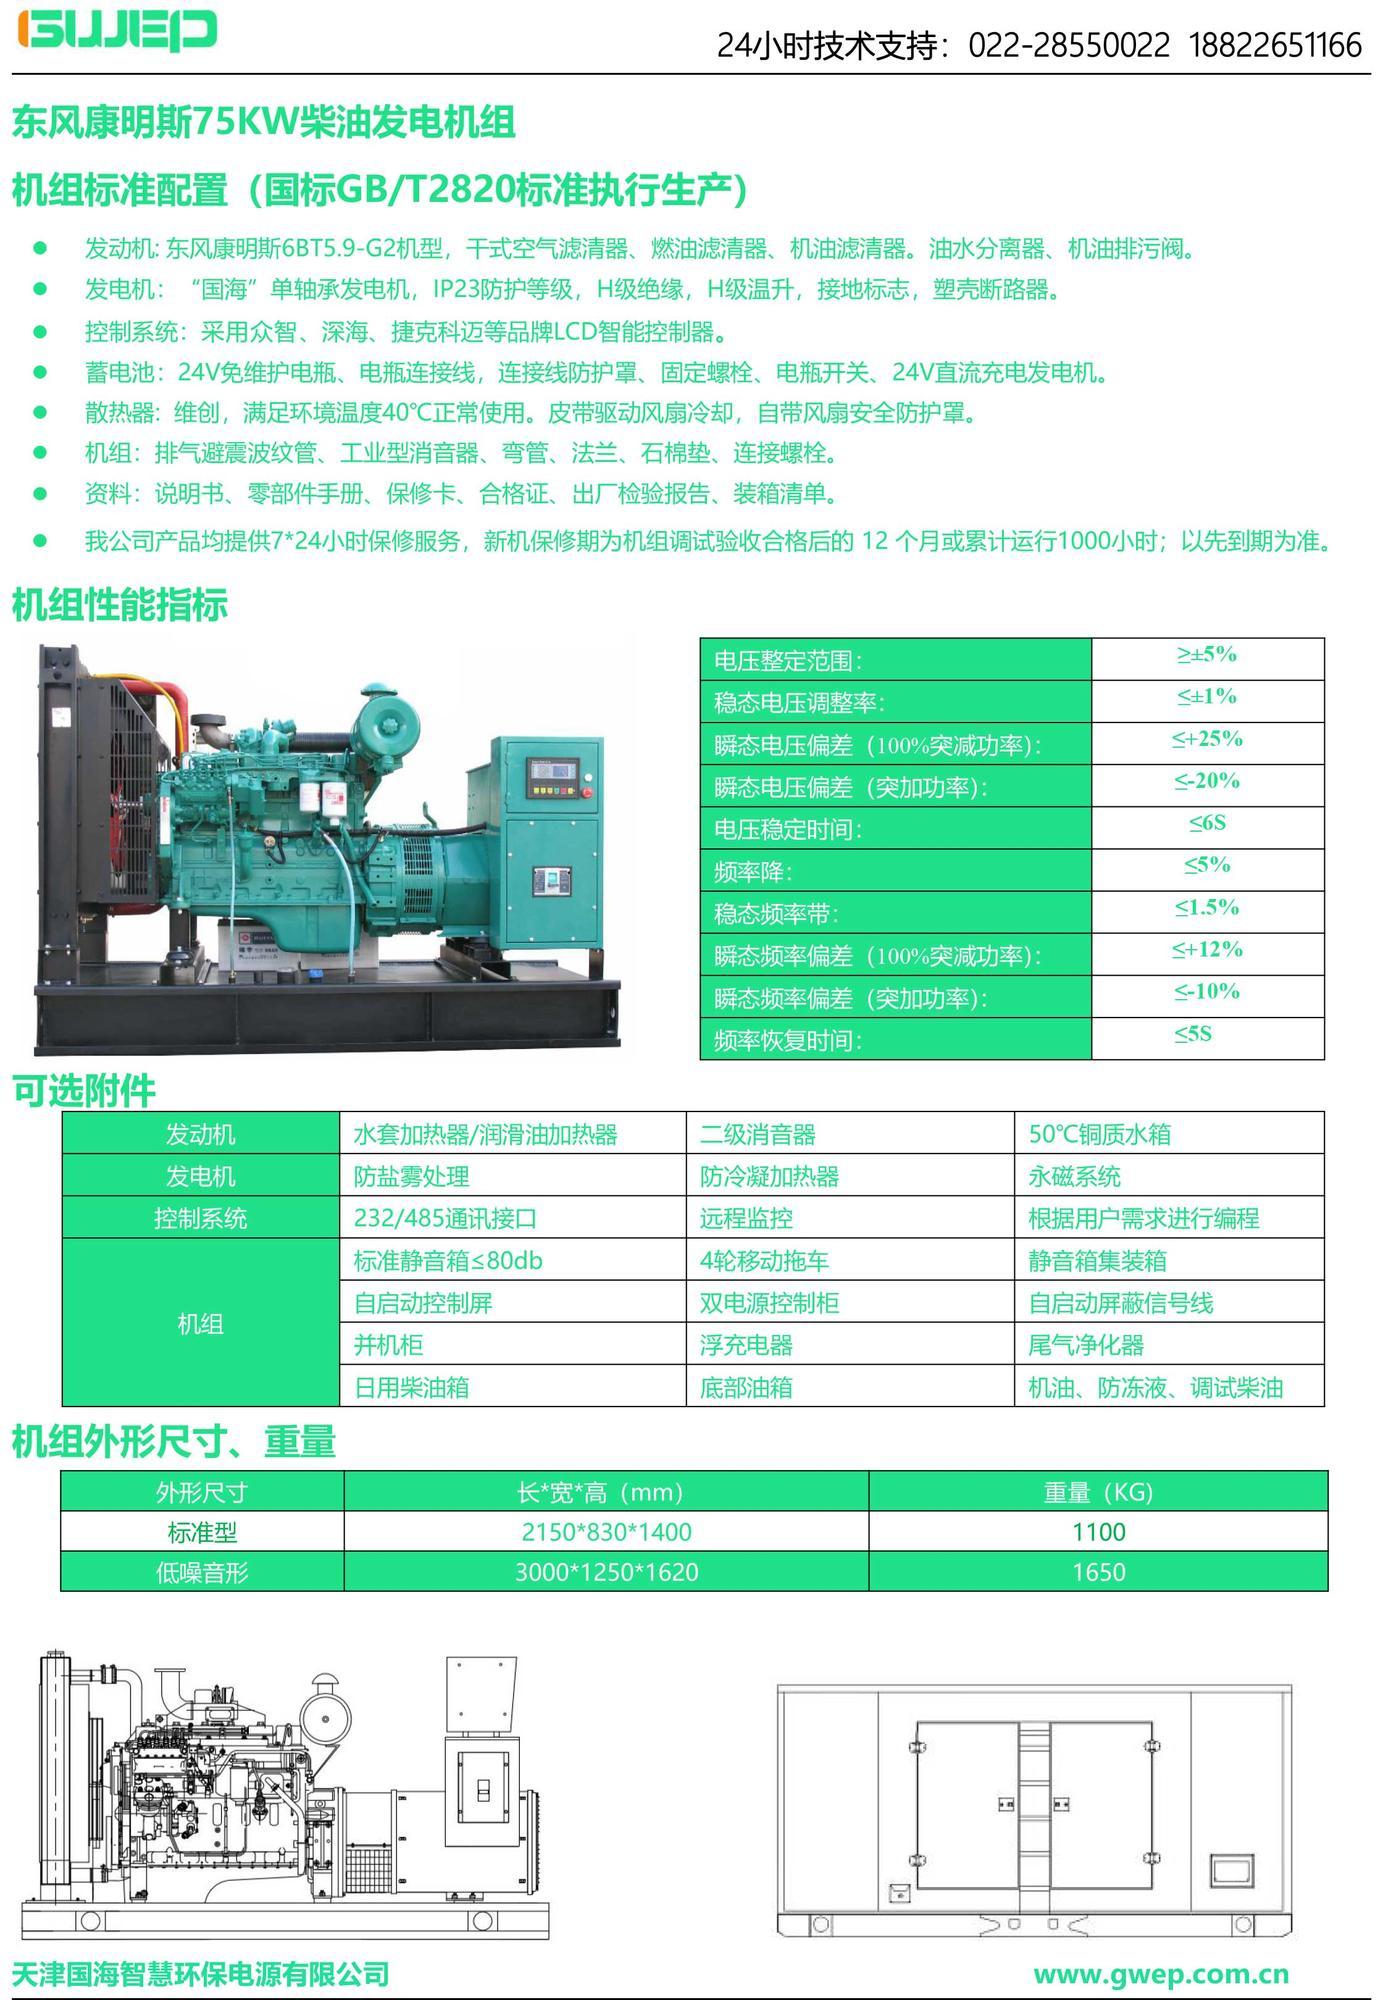 康明斯75KW发电机组技术资料-1.jpg